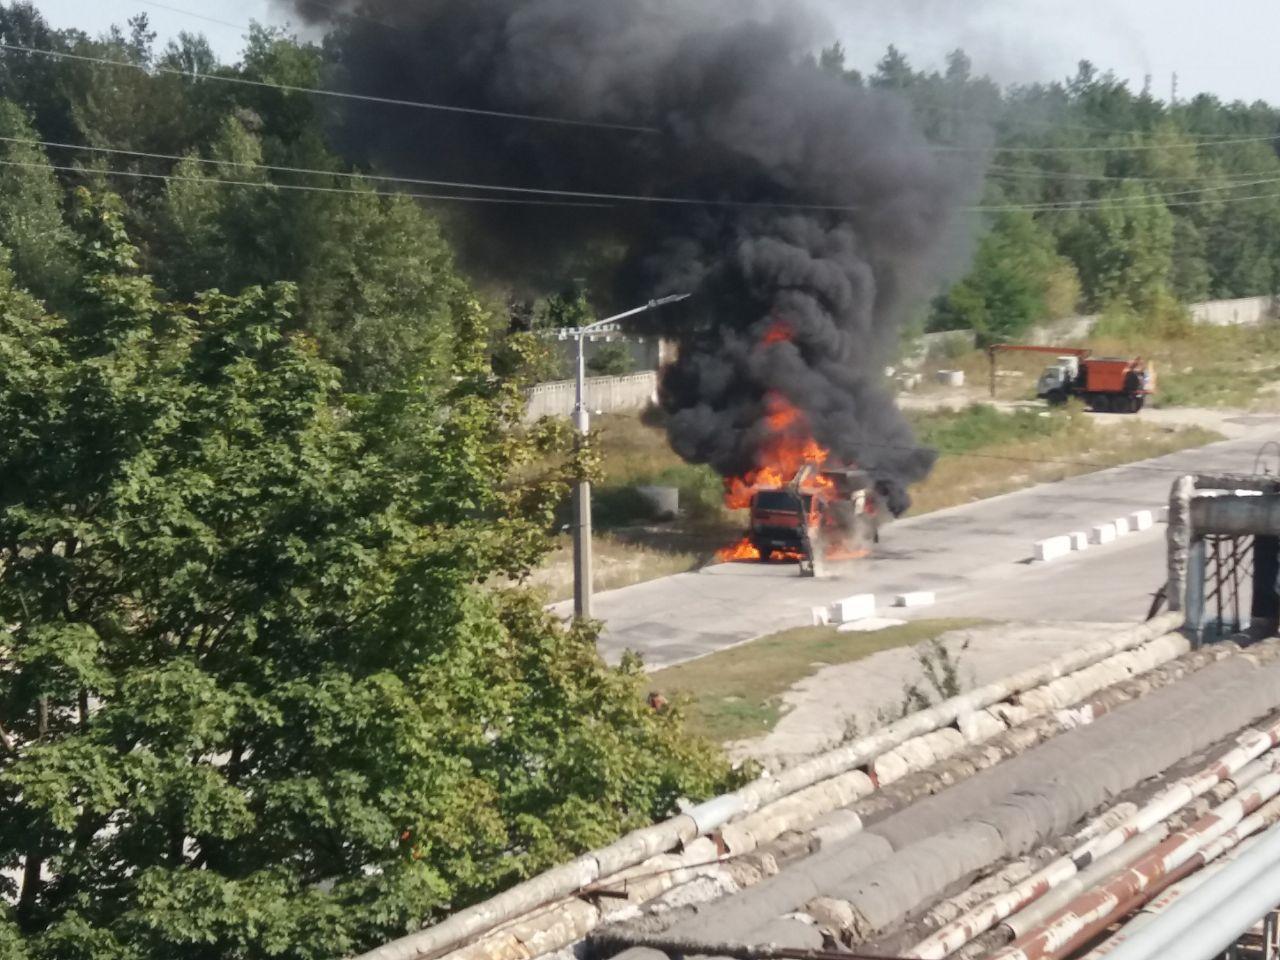 В Обухові згорів КамАЗ - пожежа, вантажівка - photo 2020 09 16 13 17 02